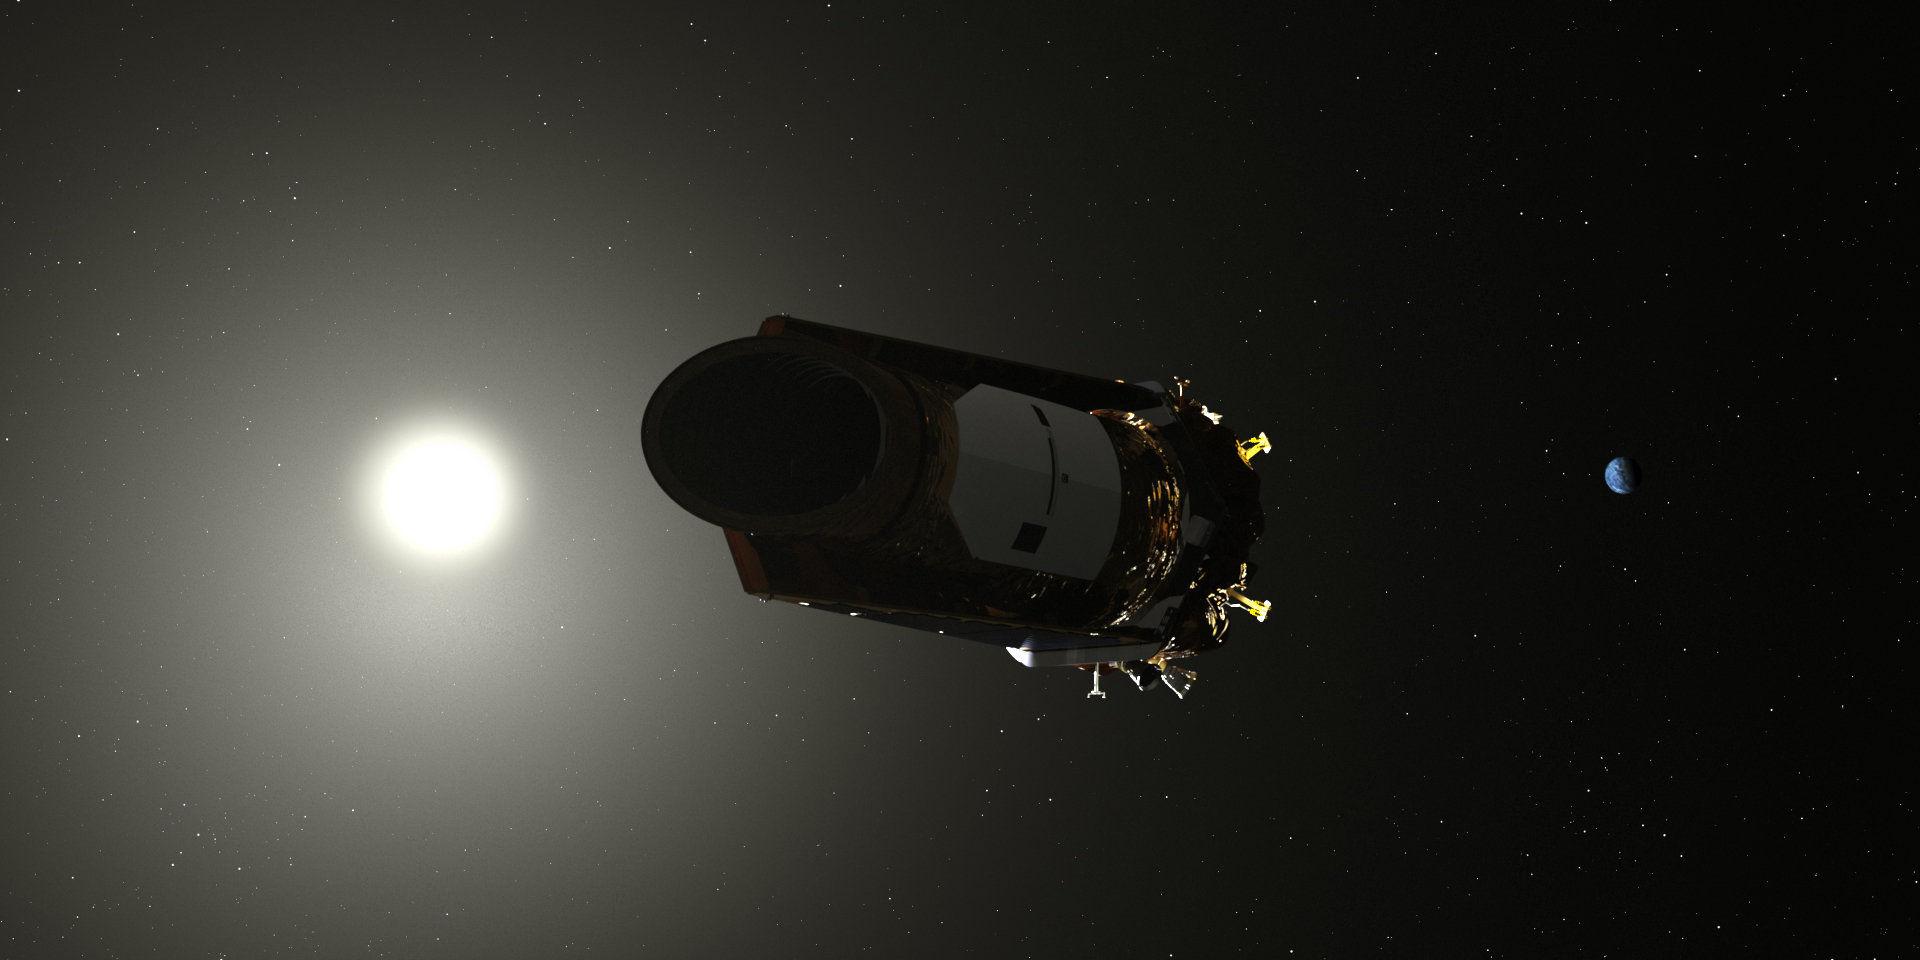 Справочная: космическая обсерватория «Кеплер» — железо, связь с Землей, ПО и результаты работы - 1